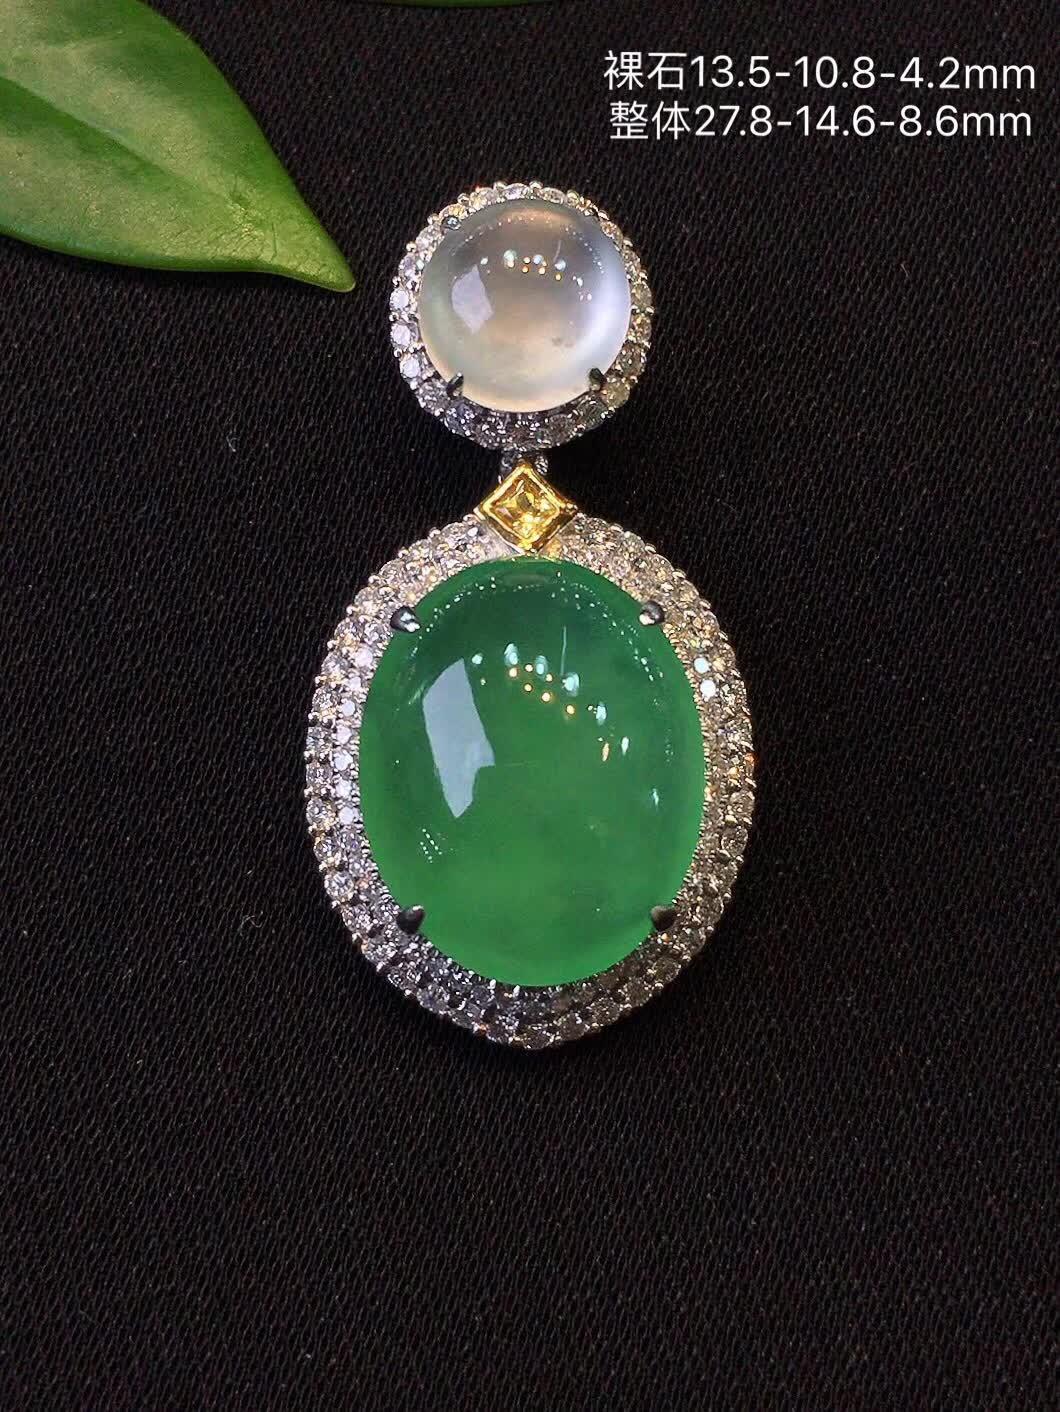 高冰阳绿色双拼吊坠,种水十足,冰透,颜色靓丽,完美,18k金镶嵌钻石,[爱心